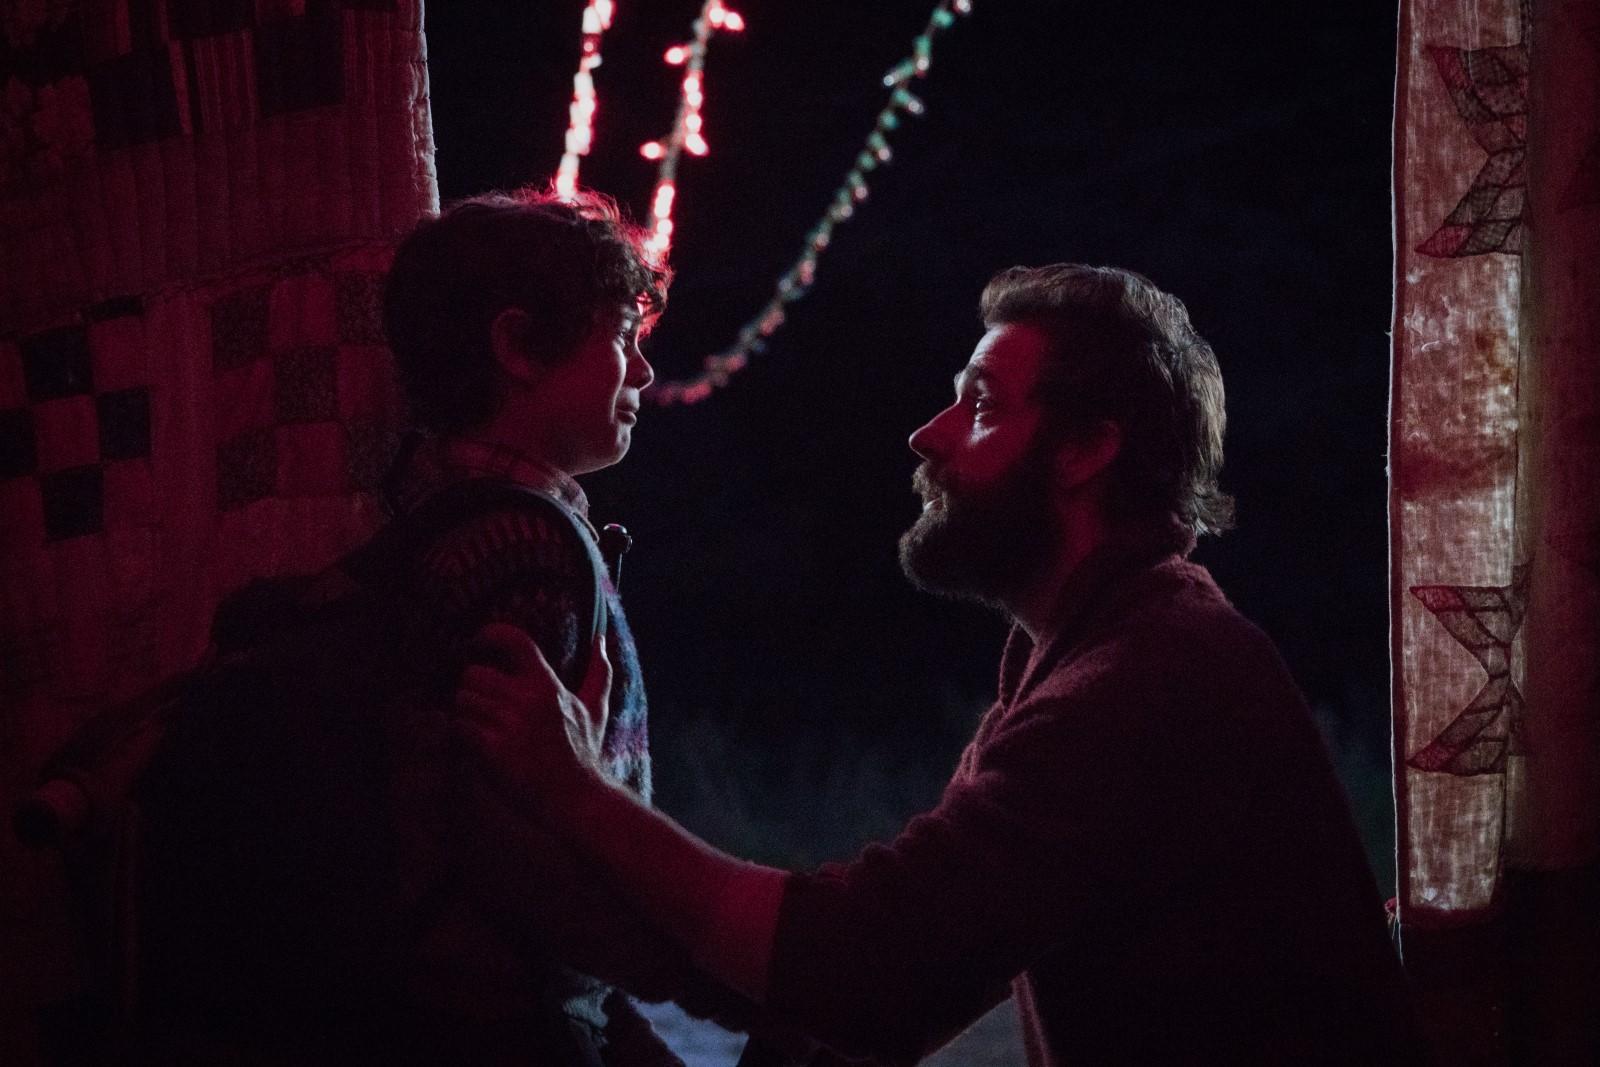 Sessiz Bir Yer Filmini Bedava Tek Part İndir Ekran Görüntüsü 1